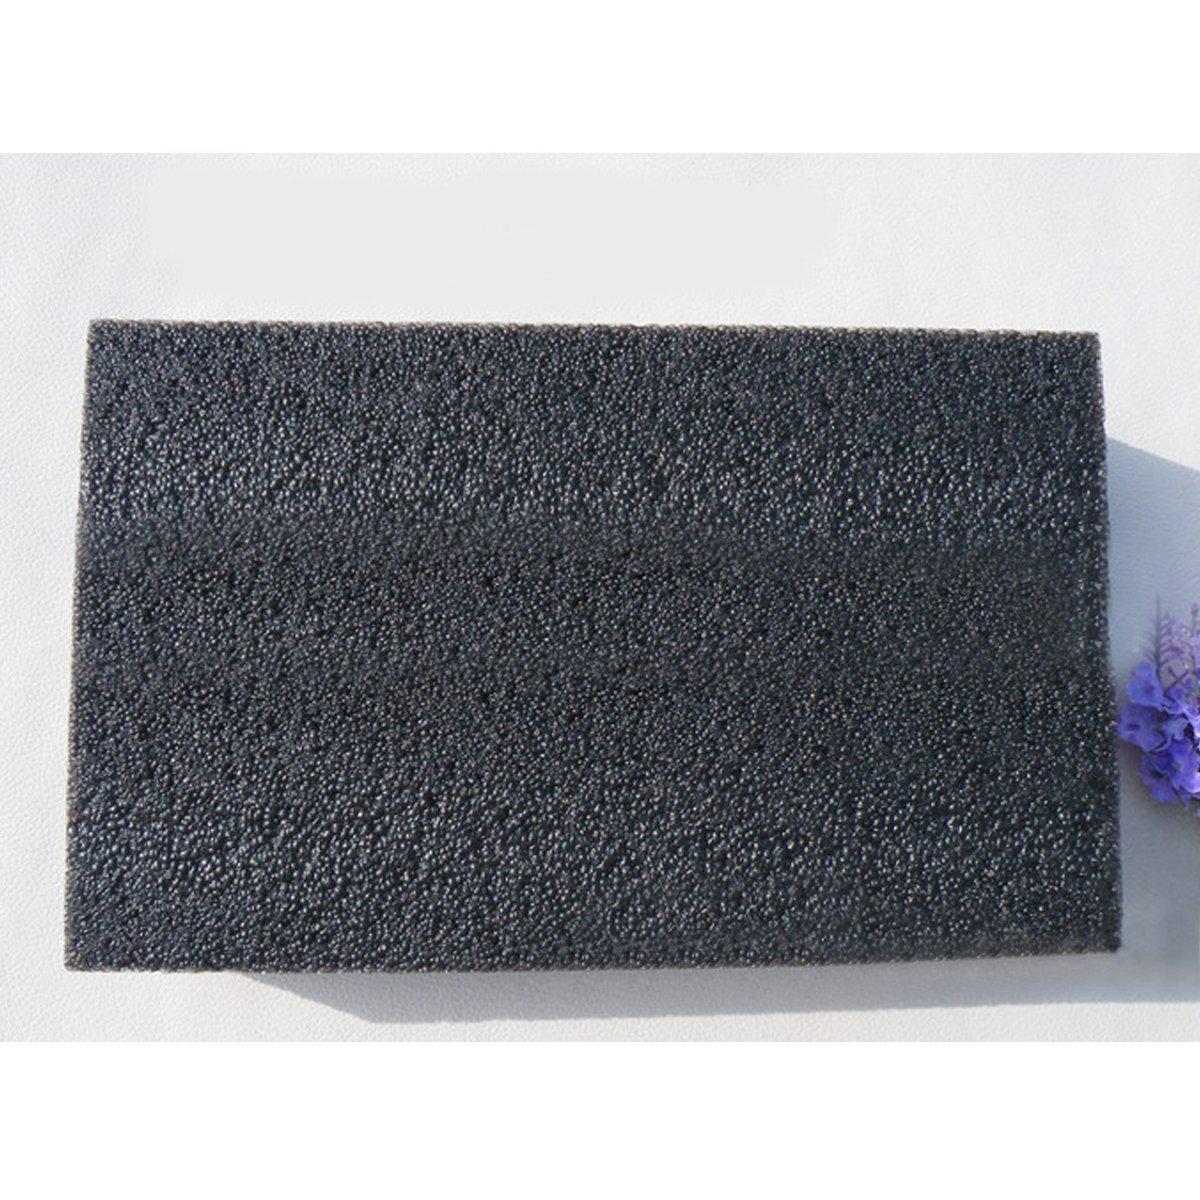 QOJA thickness 50mm needle felting foam mat pad wool tools handicraft